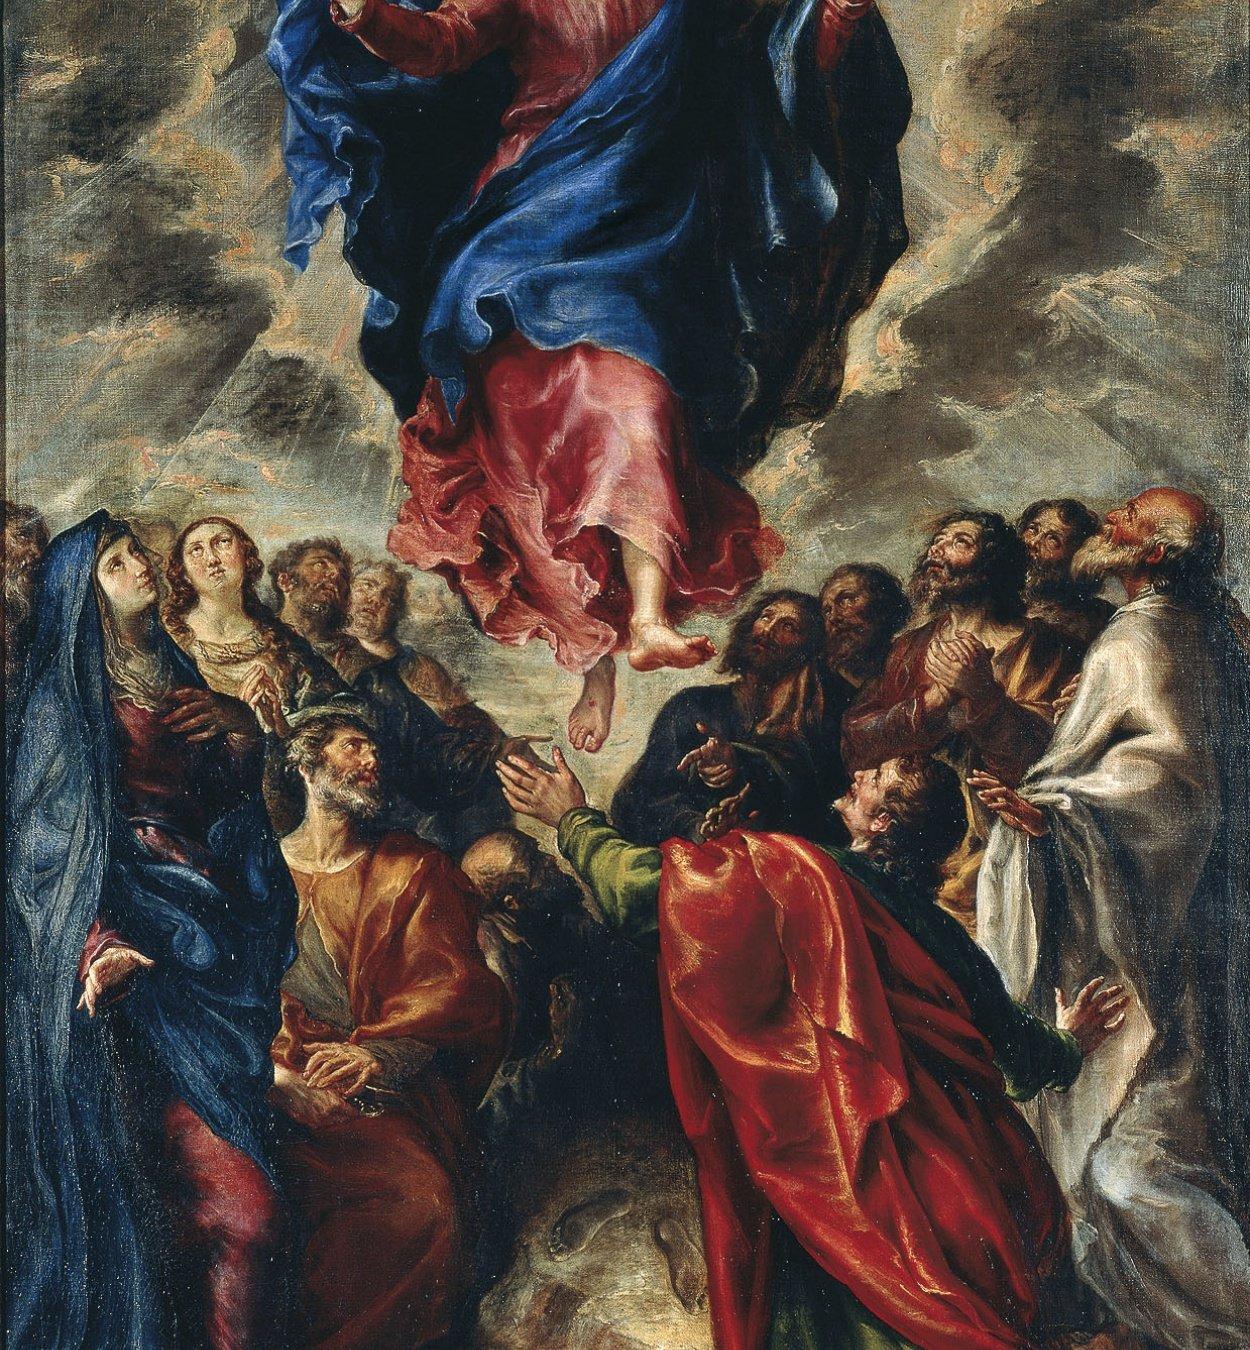 Francisco Camilo - Ascensió - 1651